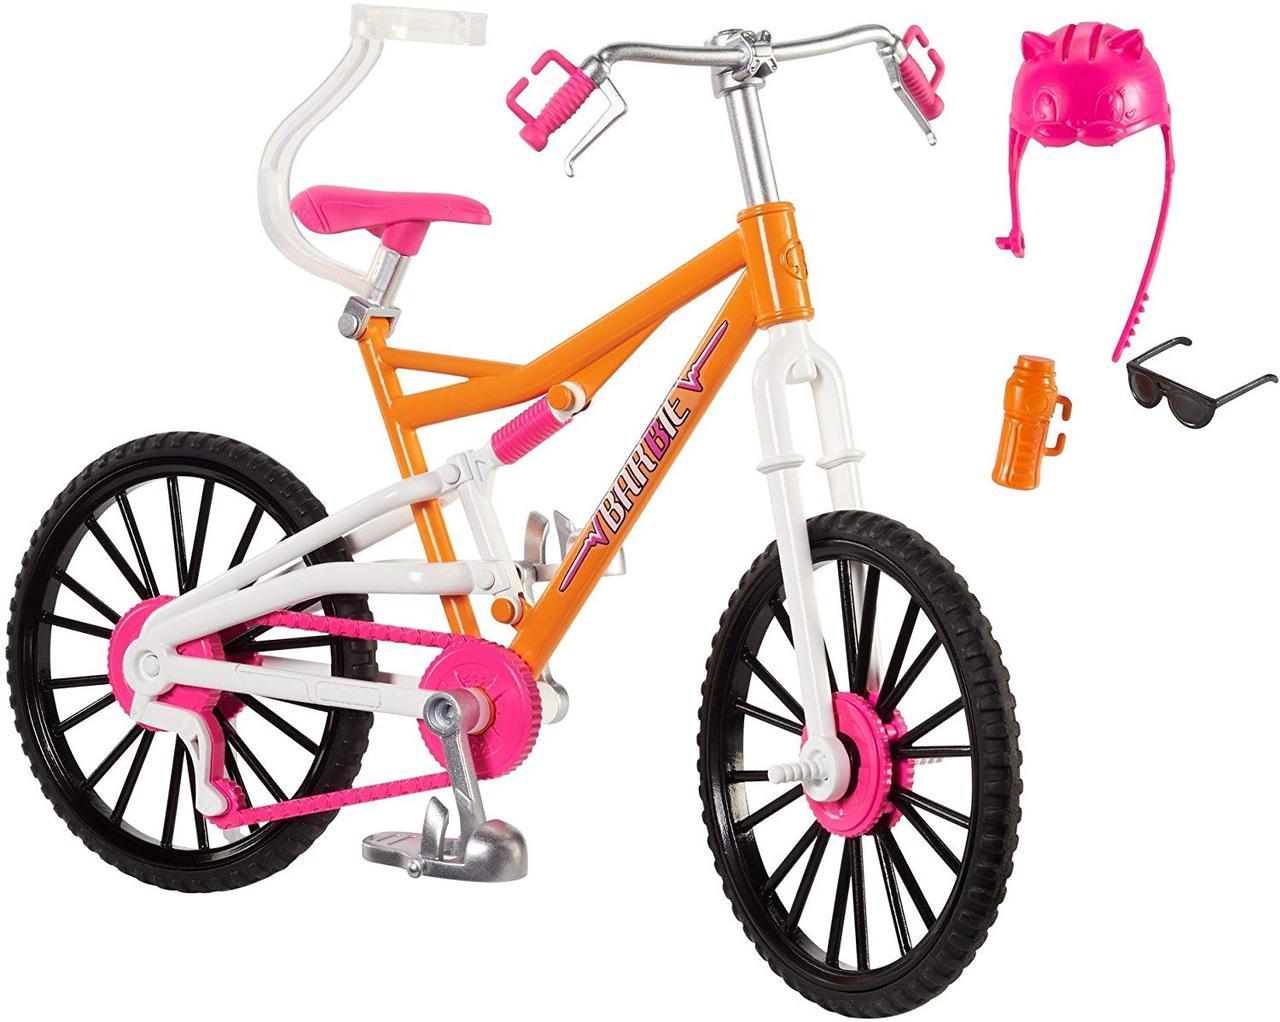 Кукла Барби горный велосипед Barbie Mountain Bike